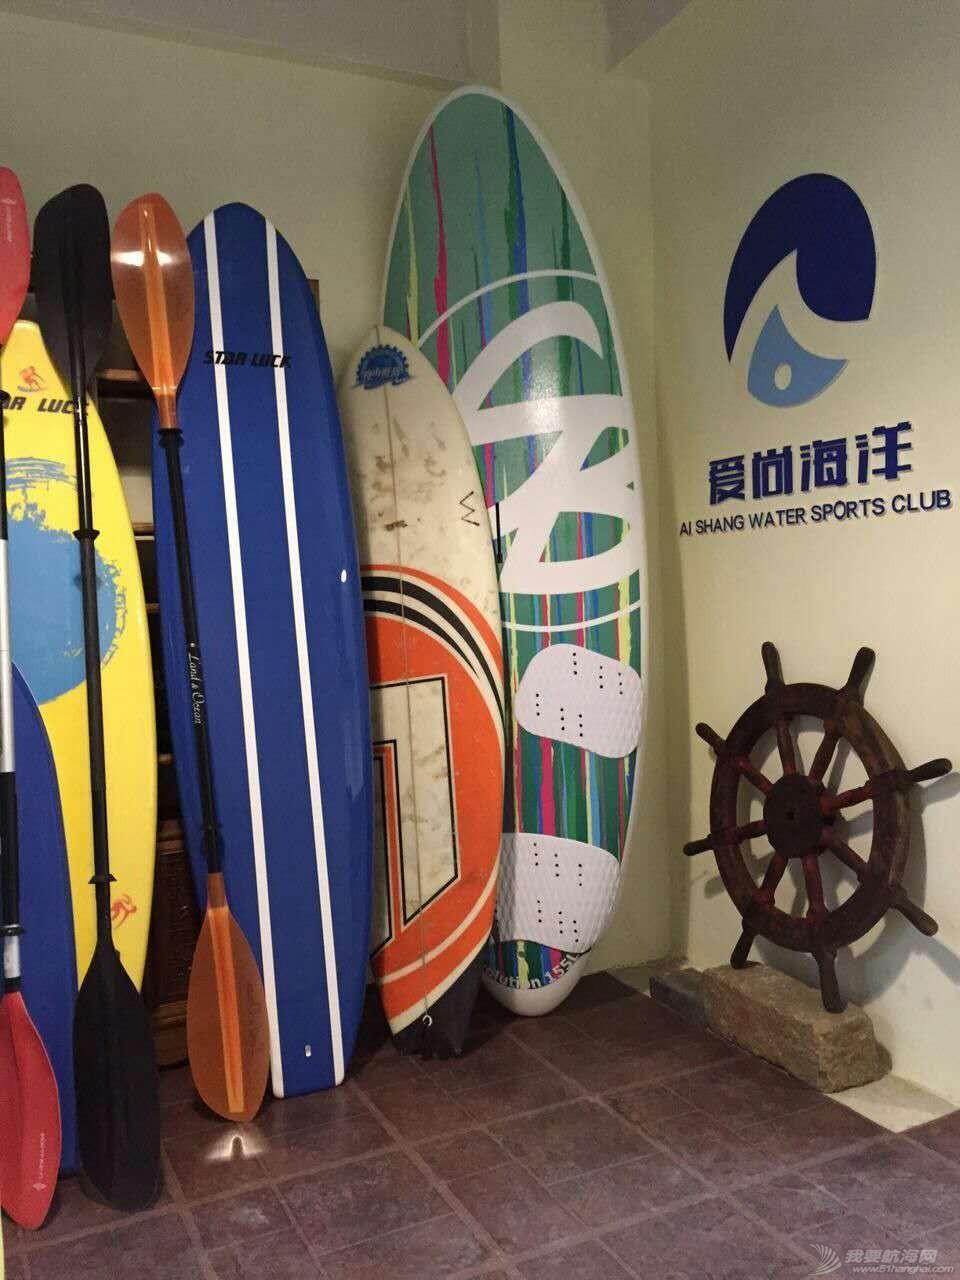 舟山群岛,海洋,俱乐部,帆船,记录 [舟山]DIY双体帆船造船记录 6.jpg